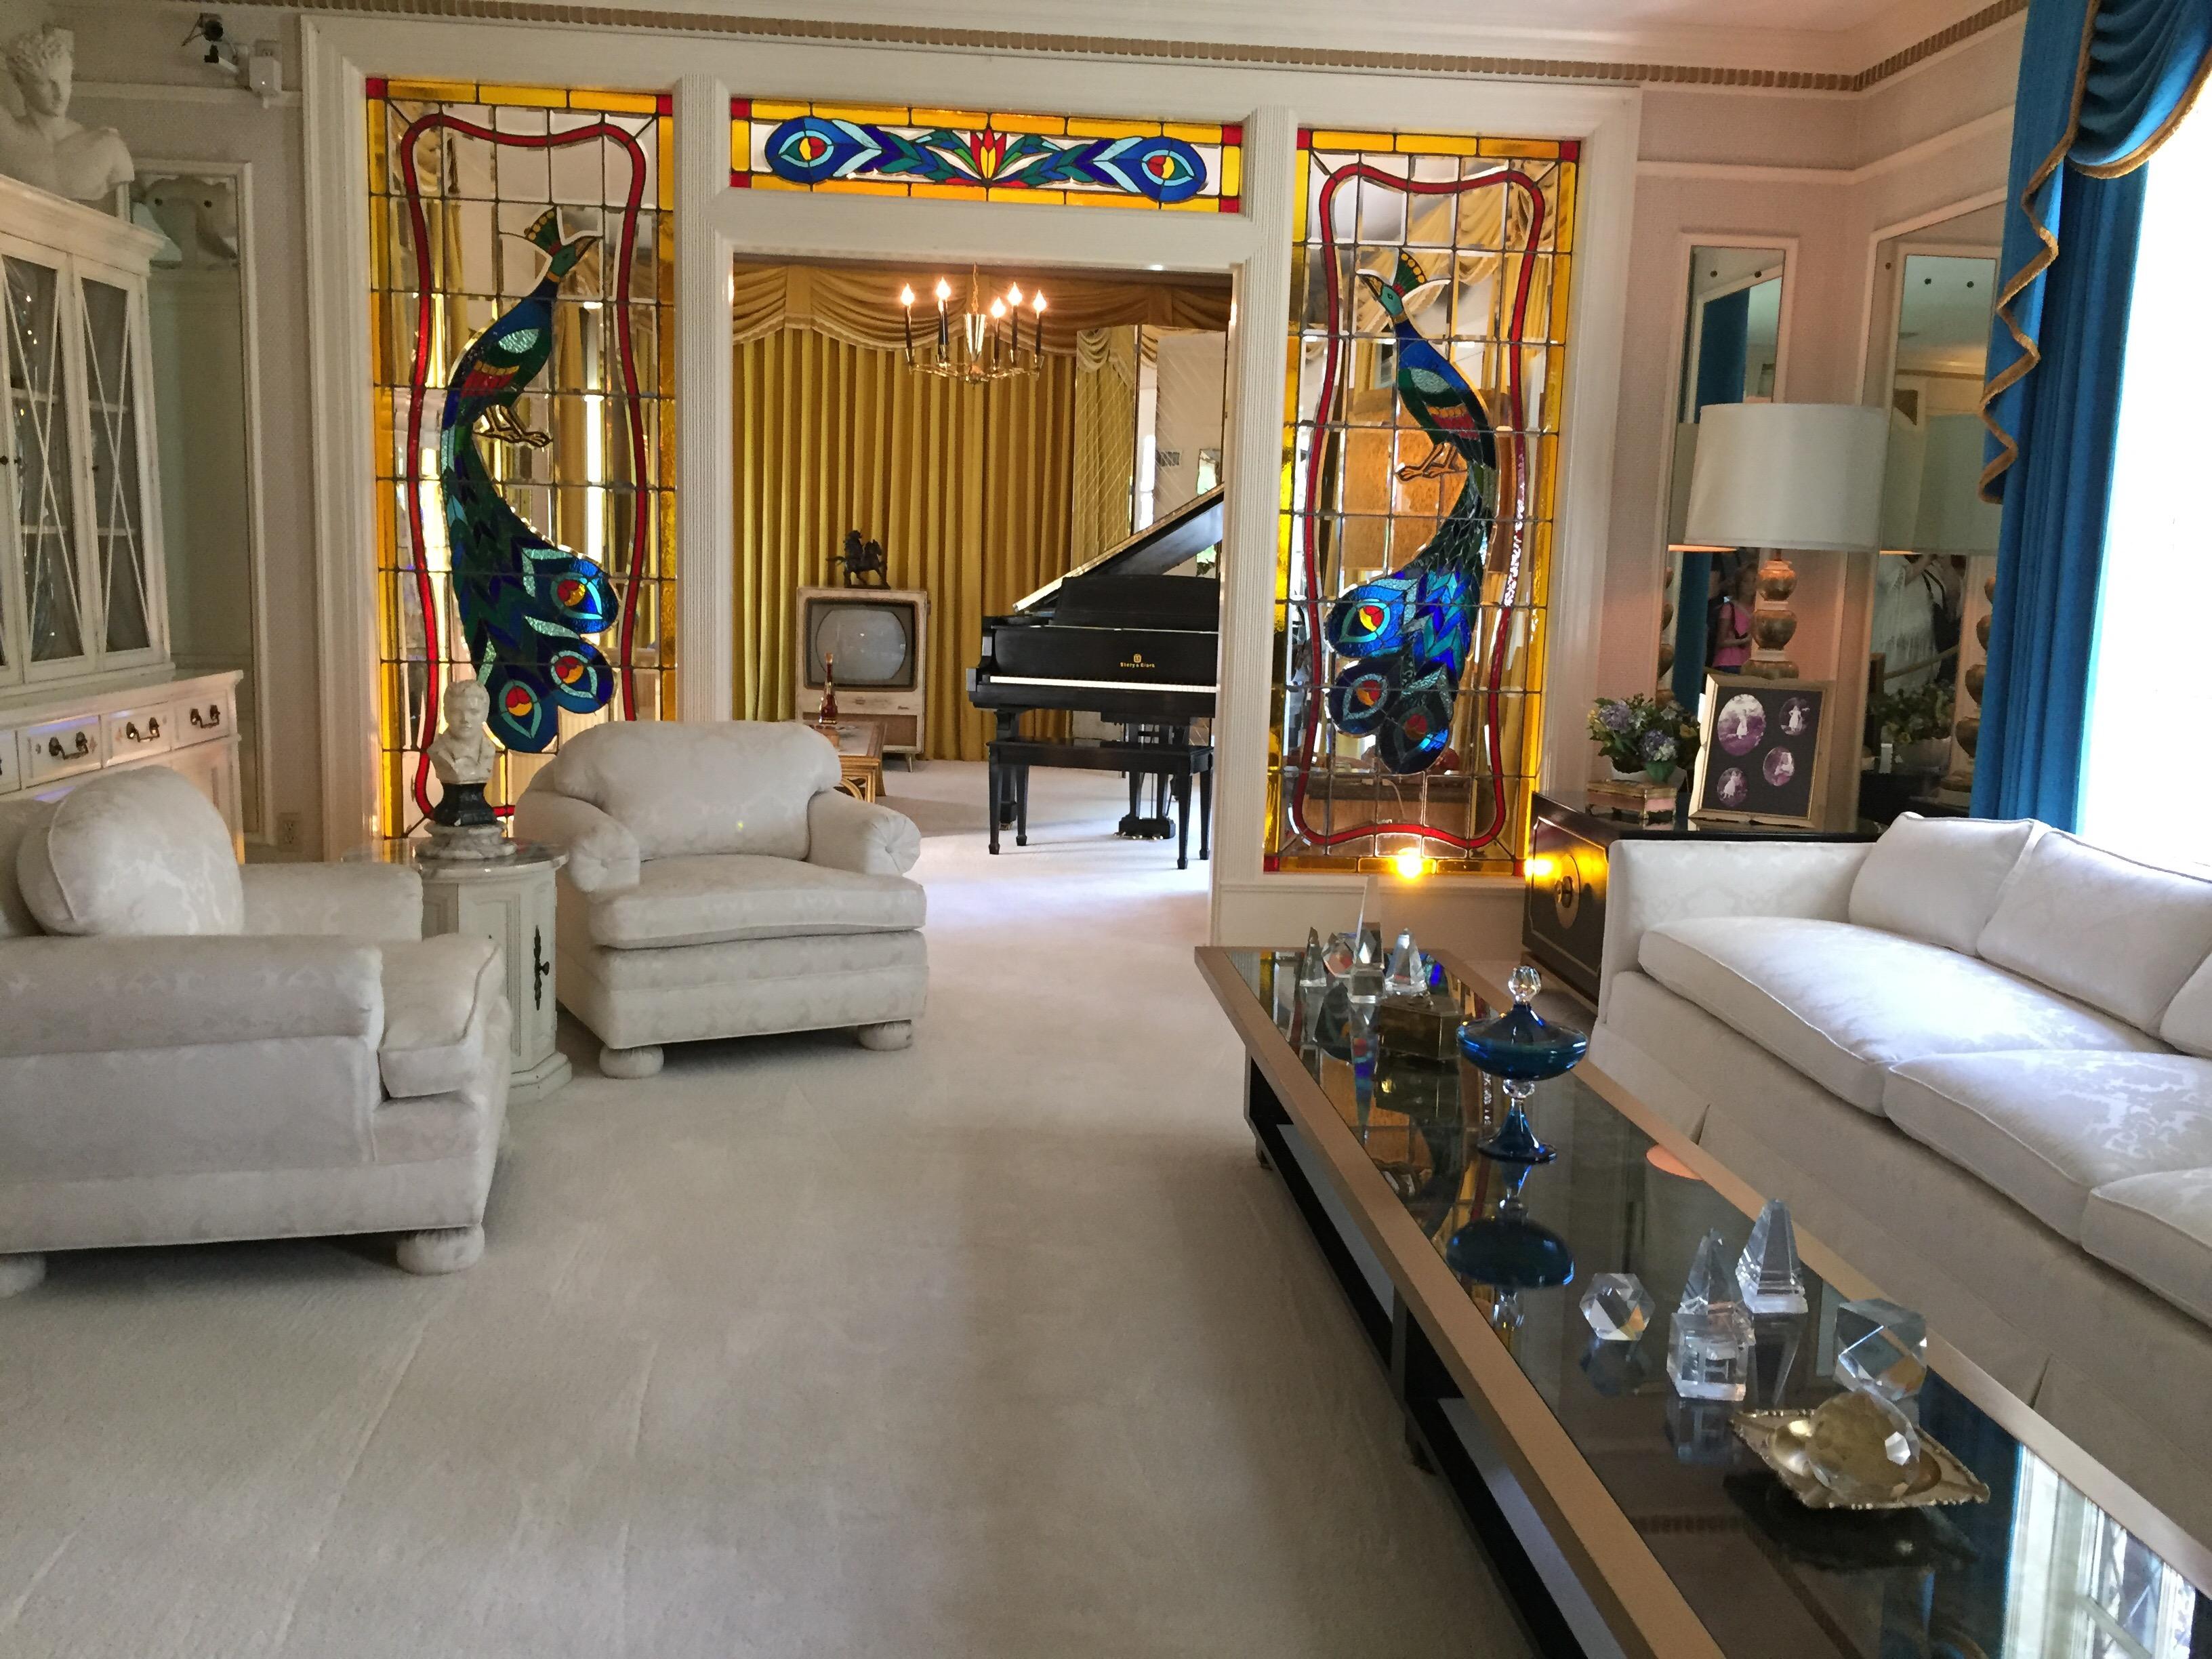 Graceland Graceland Memphis Tennessee Blaine Voyage